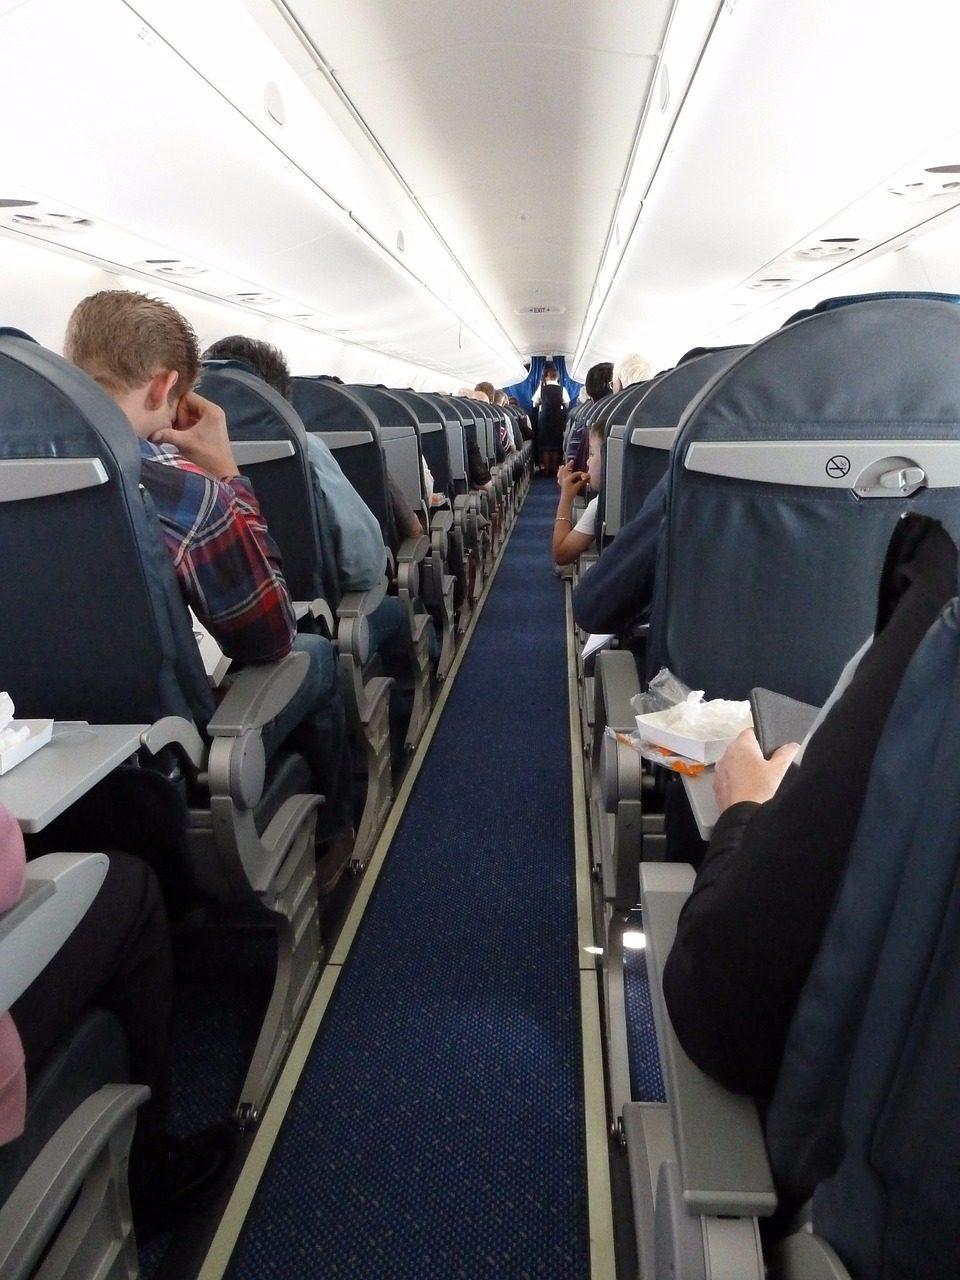 空服員就問班機上有沒有醫師?塔米卡立刻舉手,但空服員看到她舉手卻說:「喔不小可愛,放下你的手,我們在找